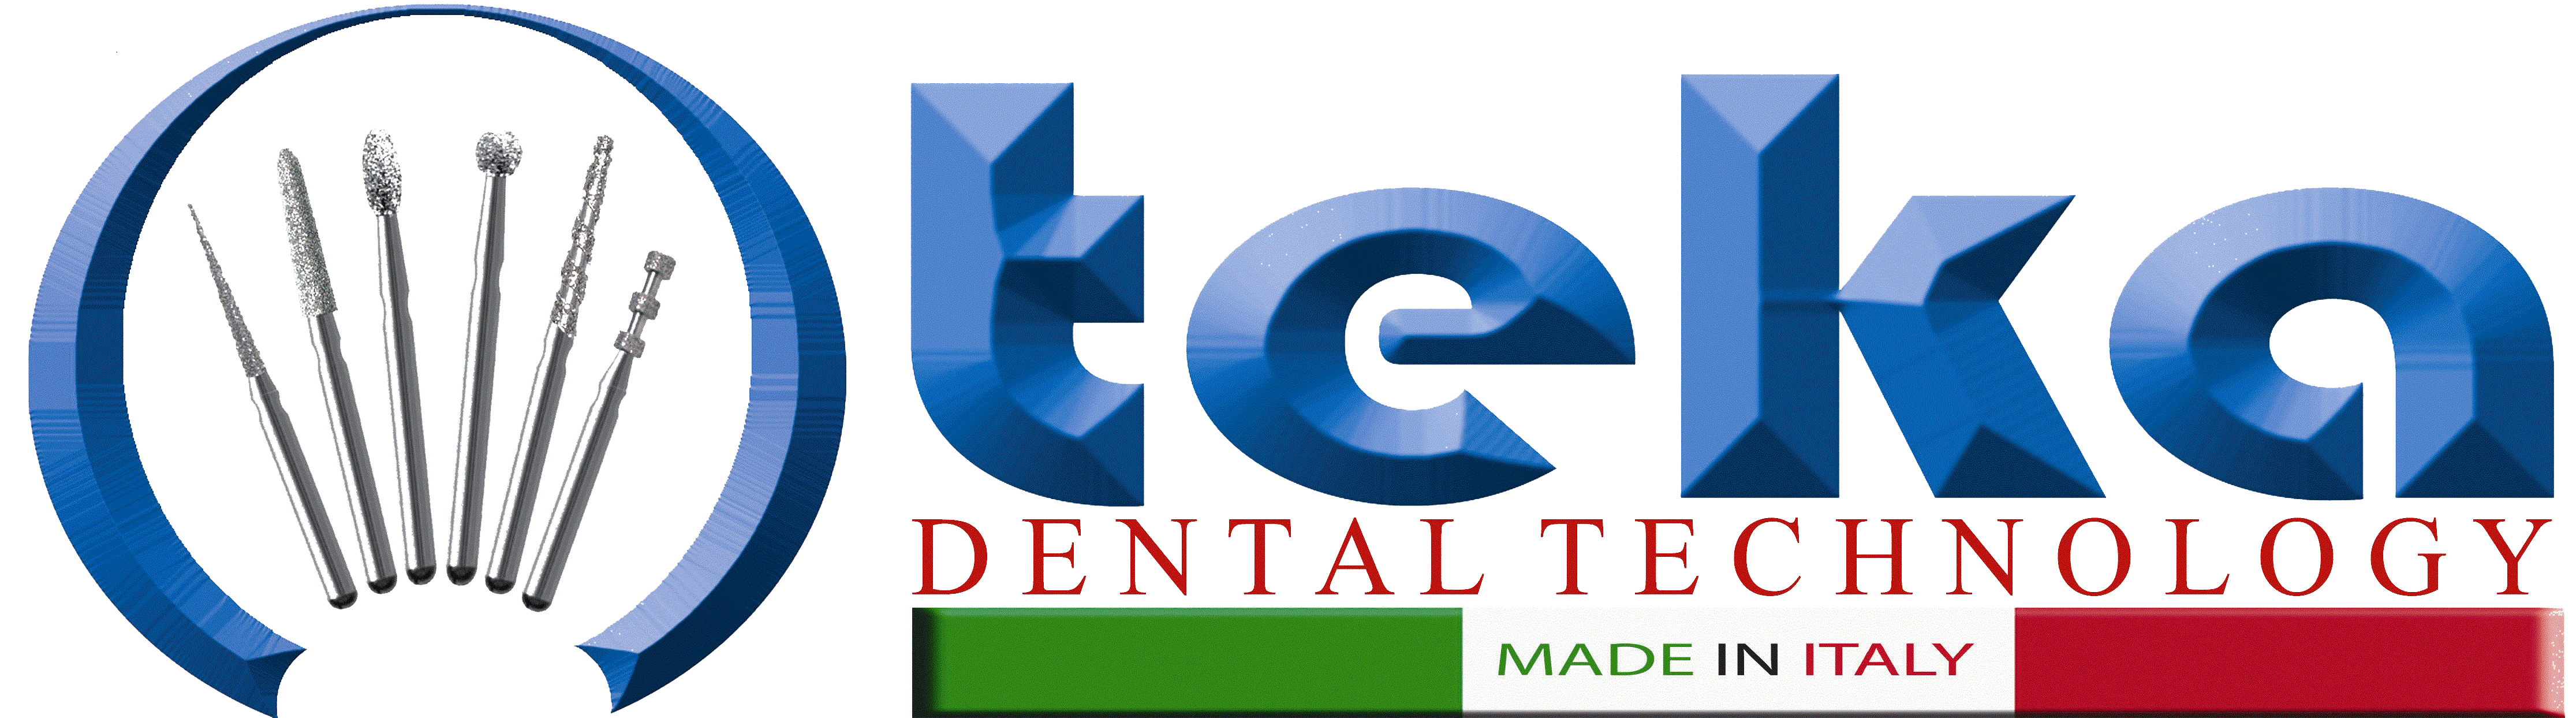 Teka Dental Technology